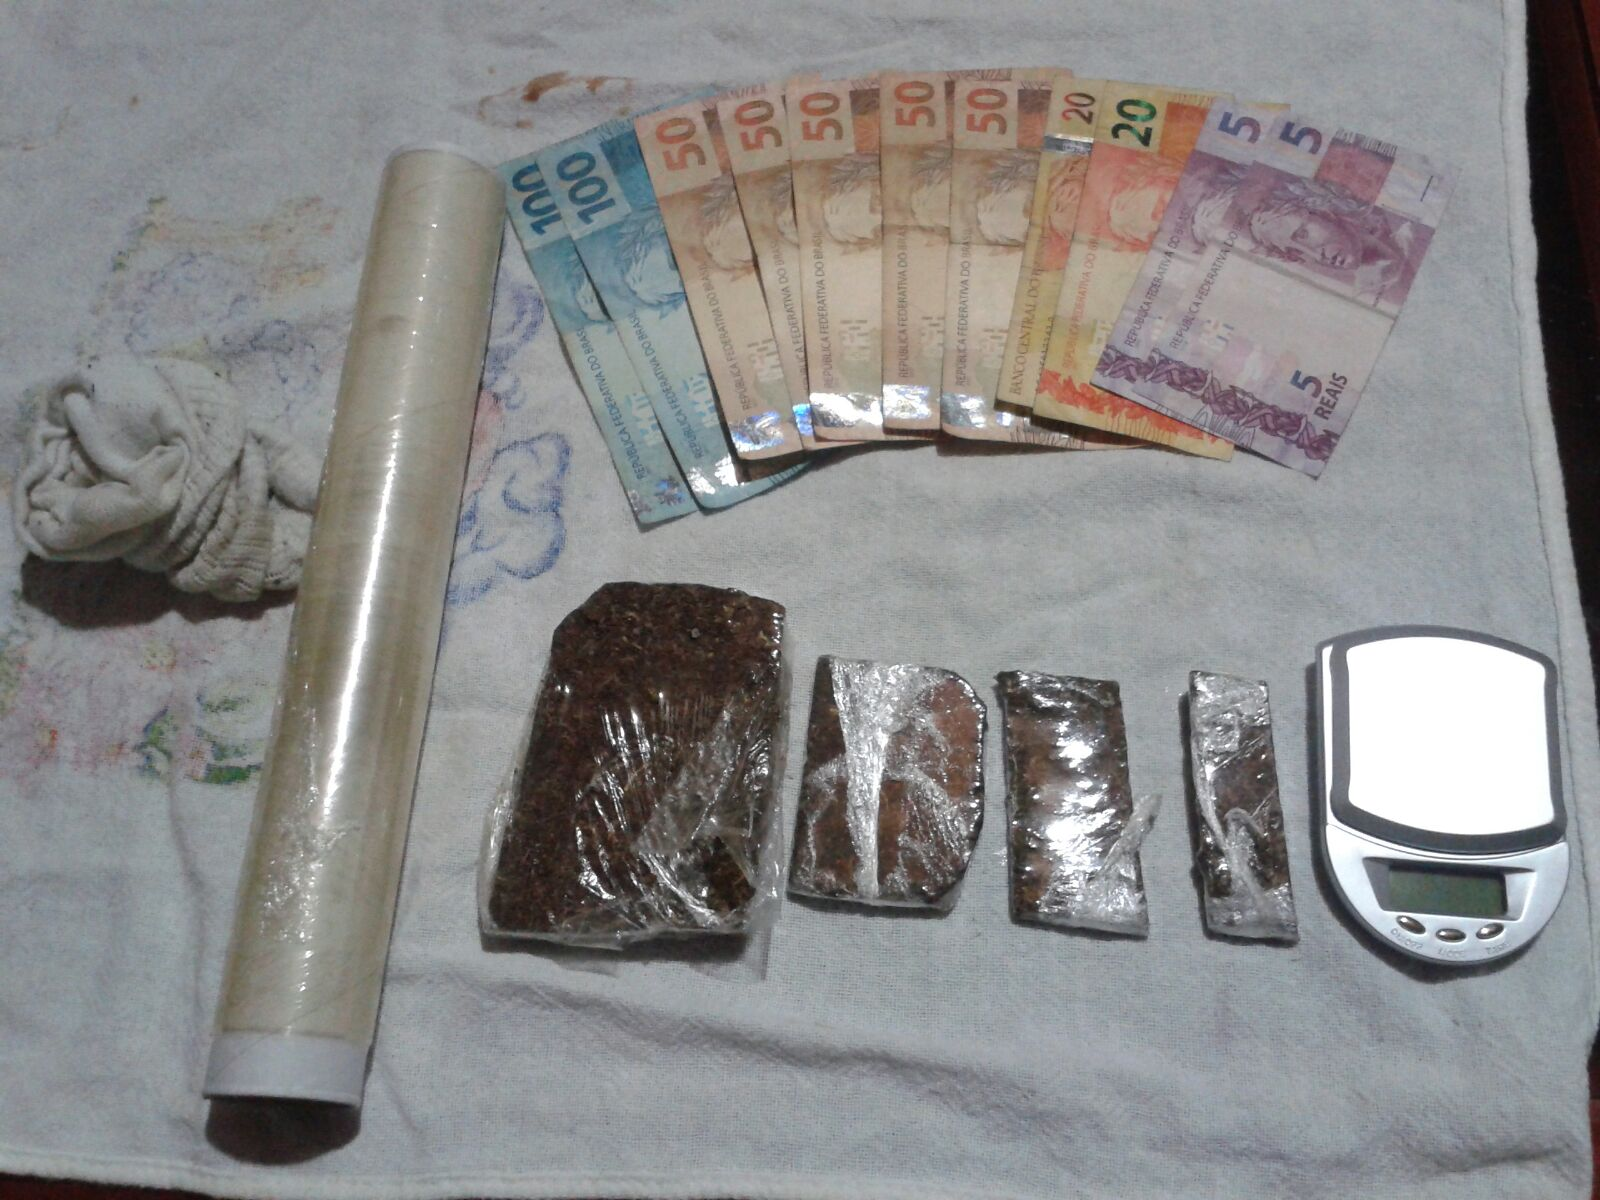 Droga, balança e dinheiro apreendidos com o menor